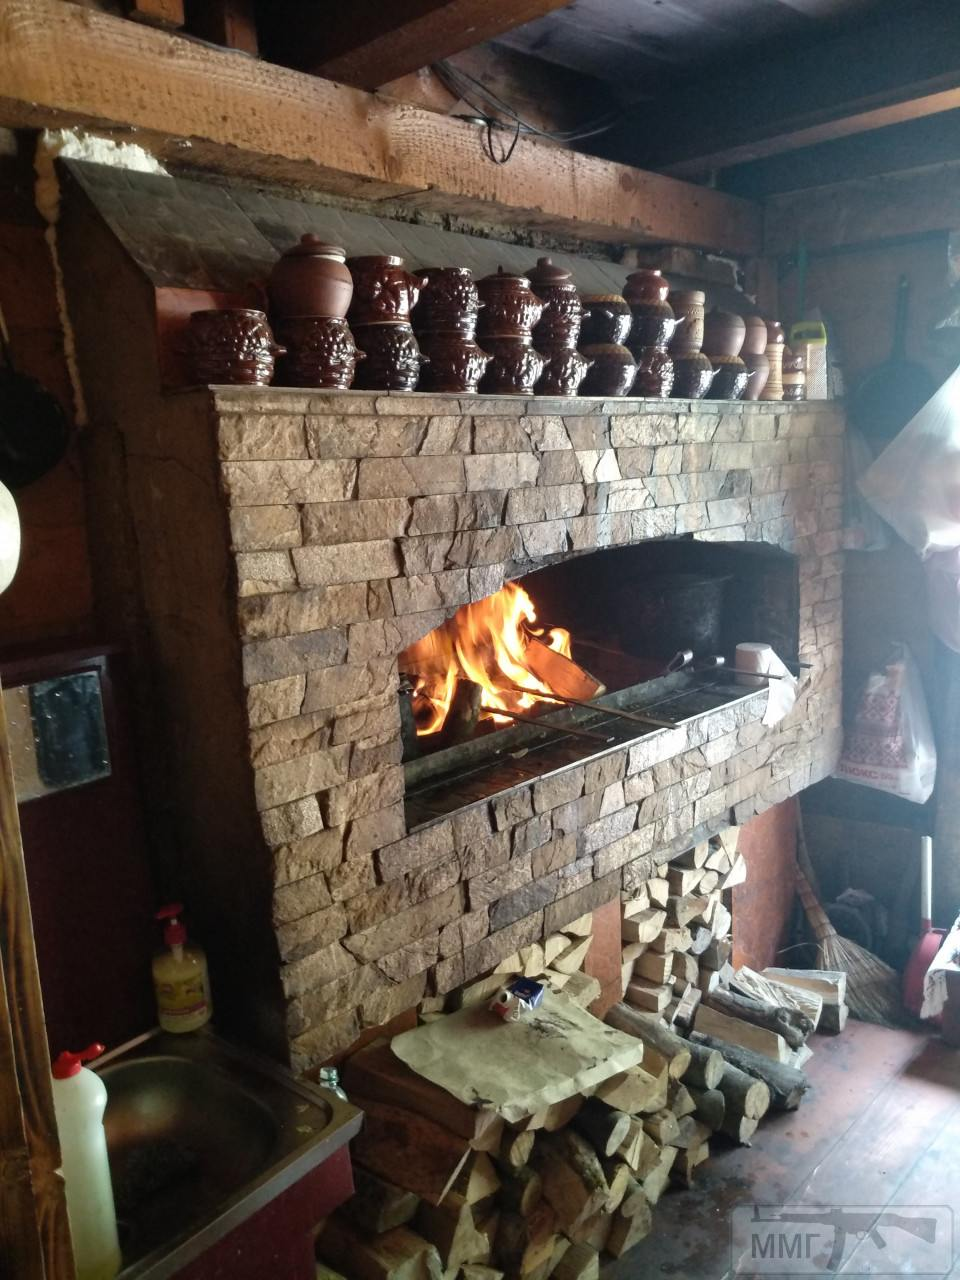 107225 - Закуски на огне (мангал, барбекю и т.д.) и кулинария вообще. Советы и рецепты.